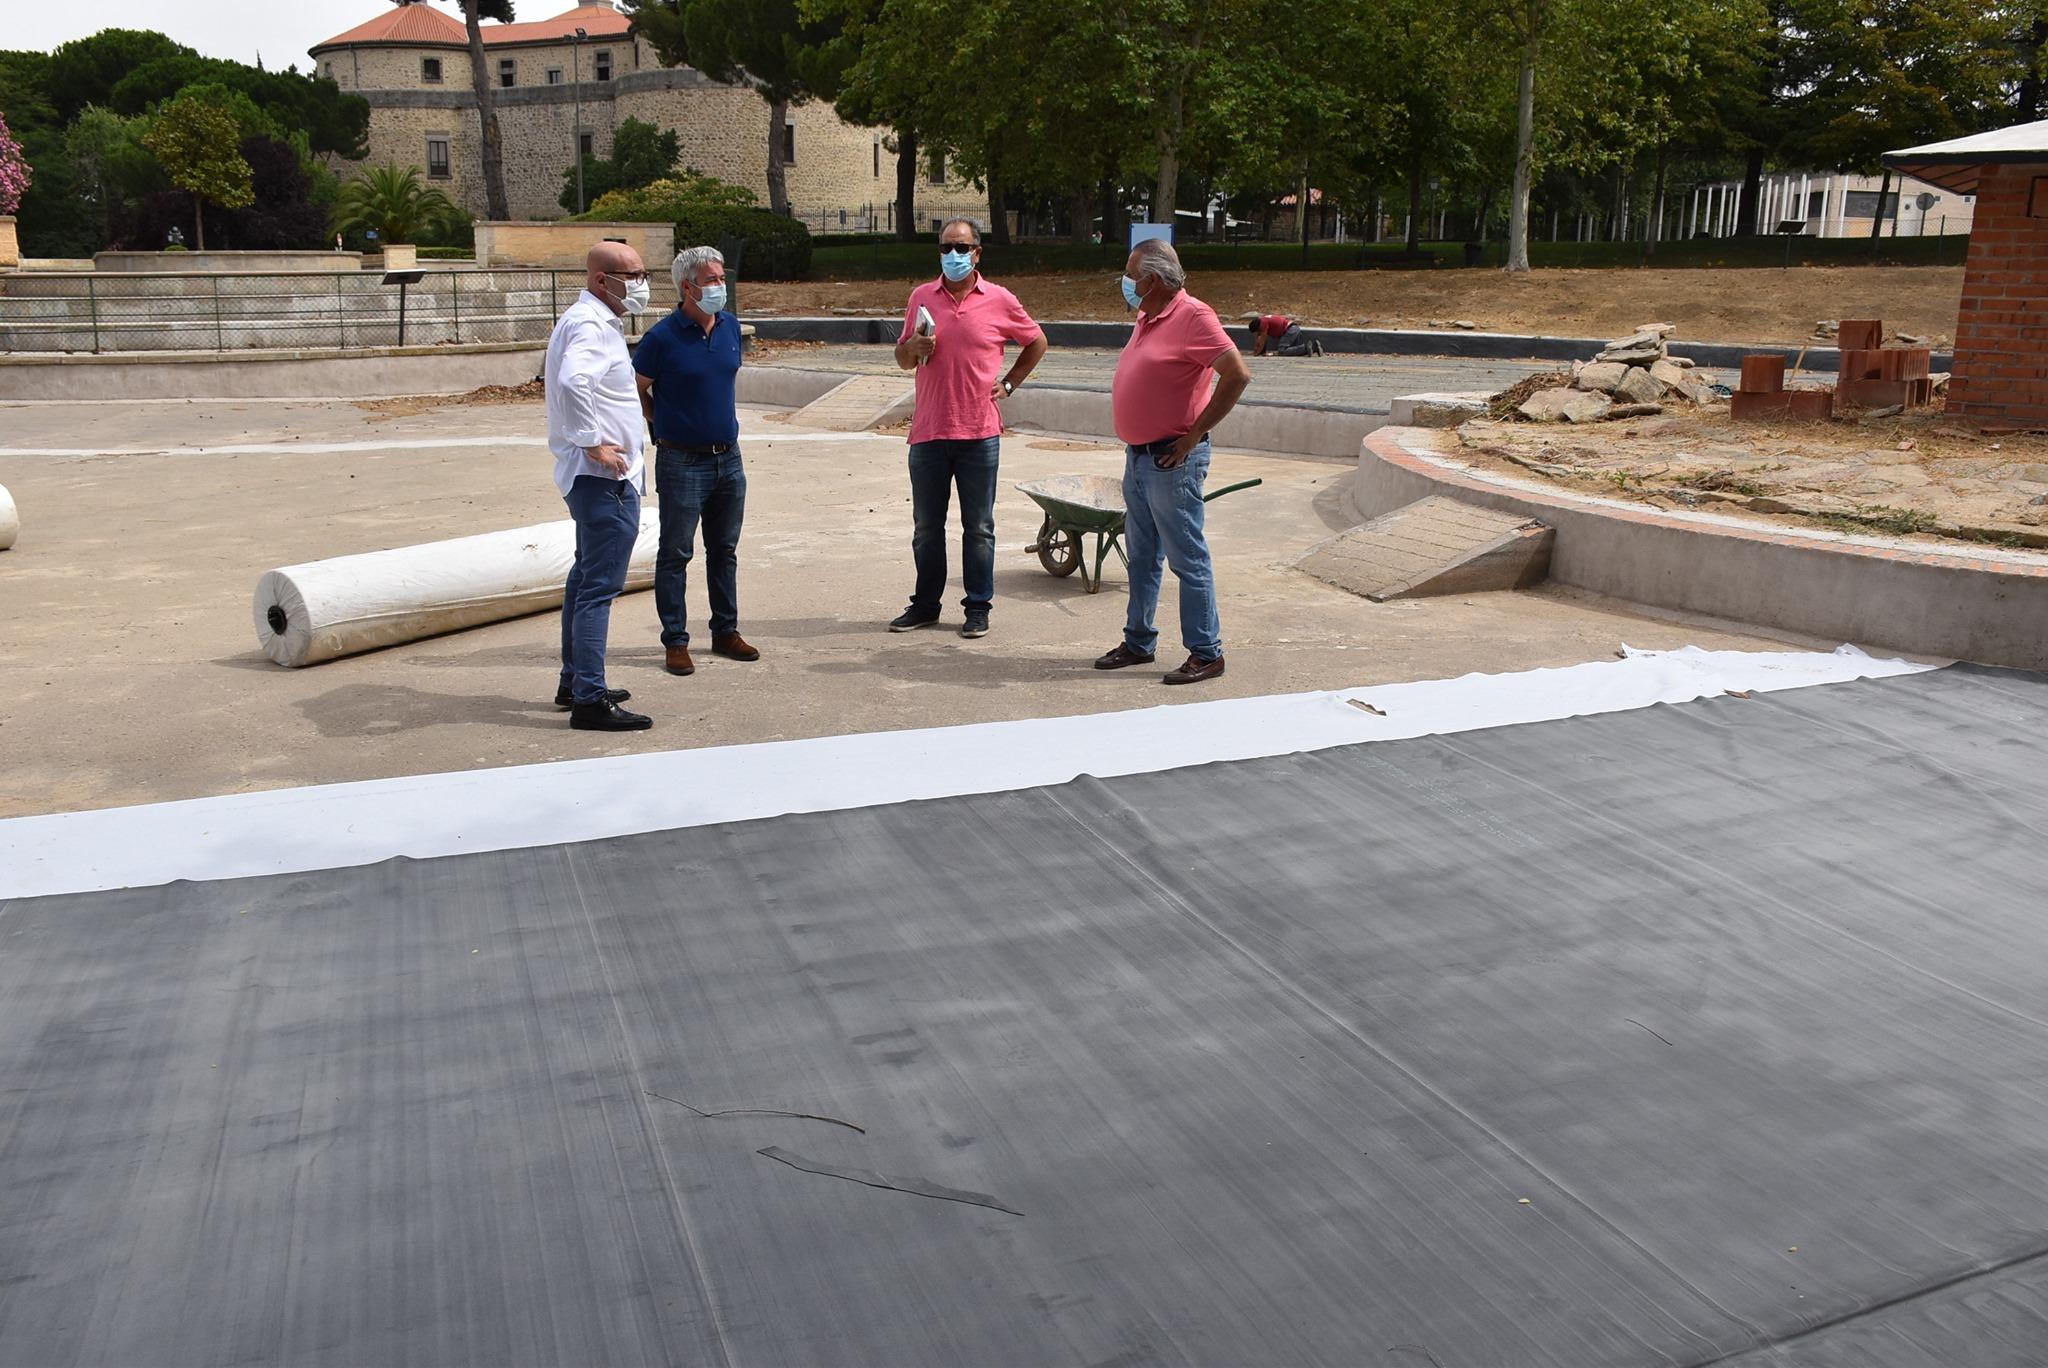 Texto Alternativo: Se reanudan las obras de remodelación del parque de El Castillo